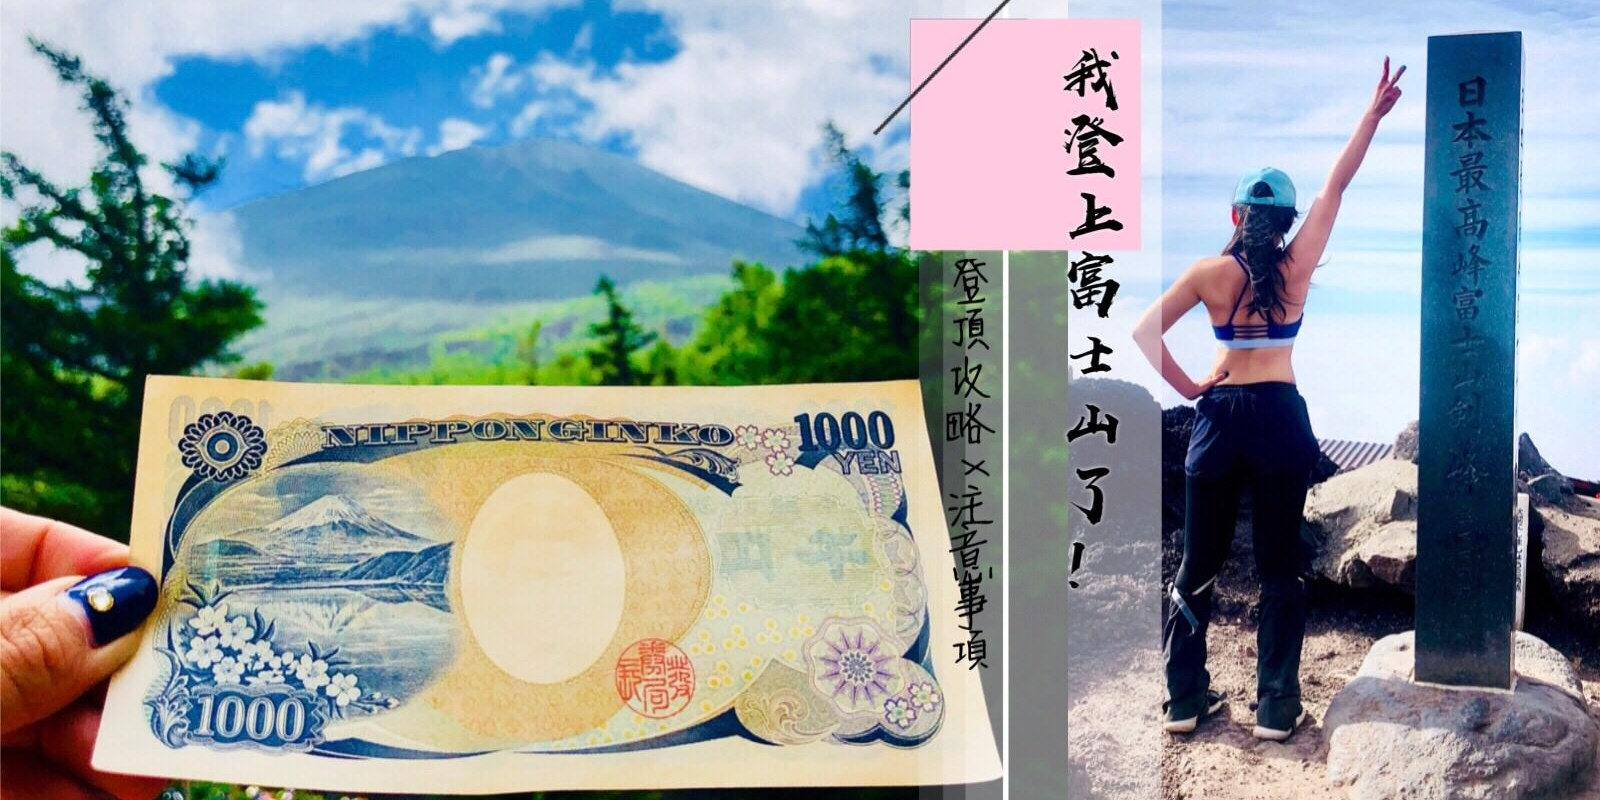 富士山登山攻略懶人包,行程/山屋/裝備租借/交通/注意事項,吉田路線兩天一夜詳細紀錄